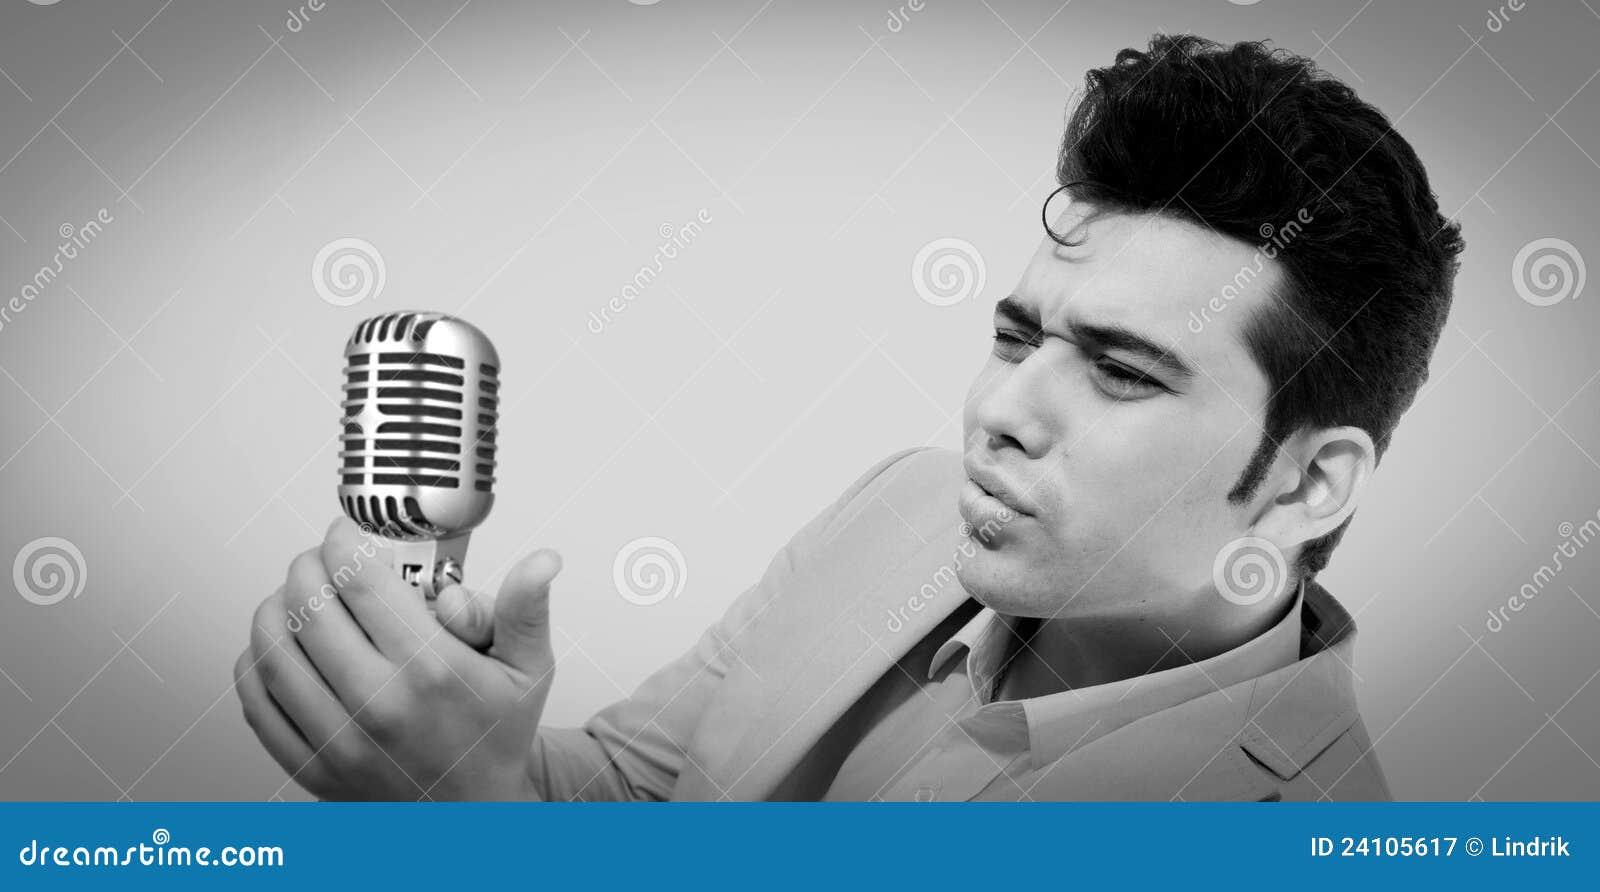 Style of Elvis Presley